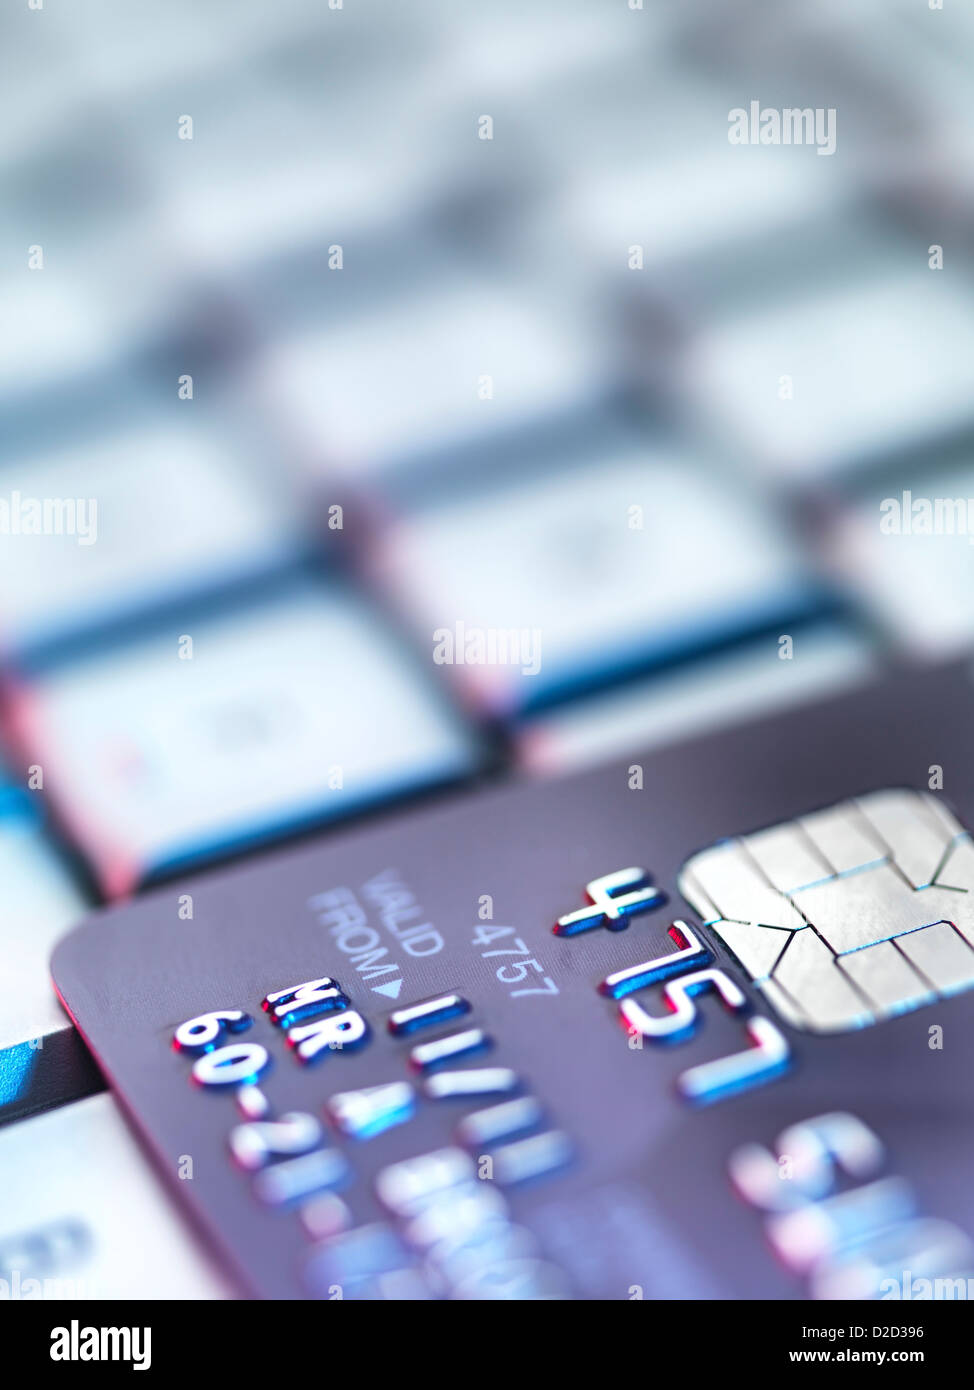 Imagen conceptual de compras en Internet con tarjeta de crédito en un teclado de ordenador. Imagen De Stock